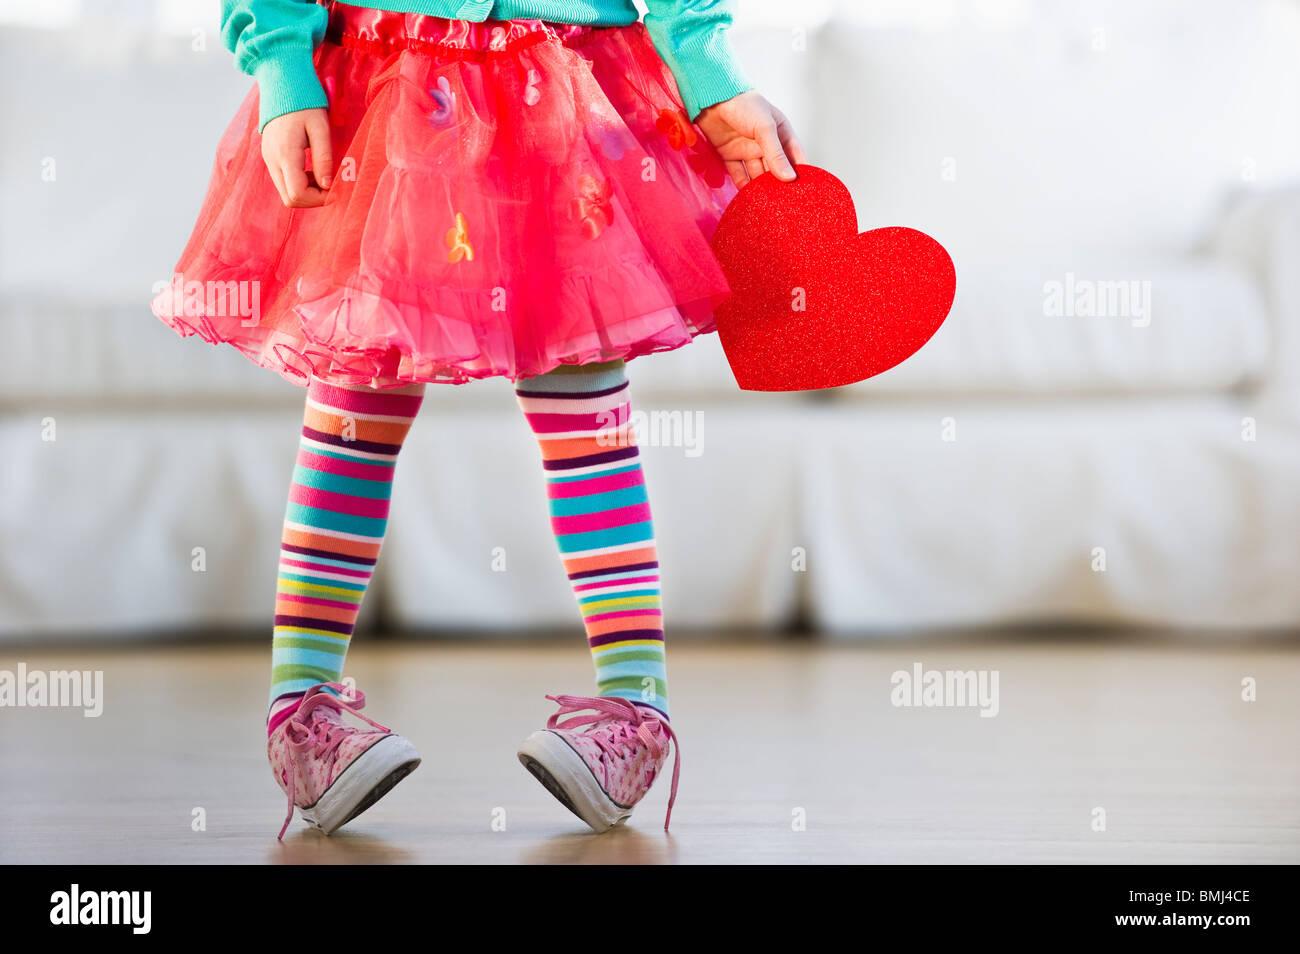 Junge Mädchen tragen bunte Strumpfhosen Stockfoto